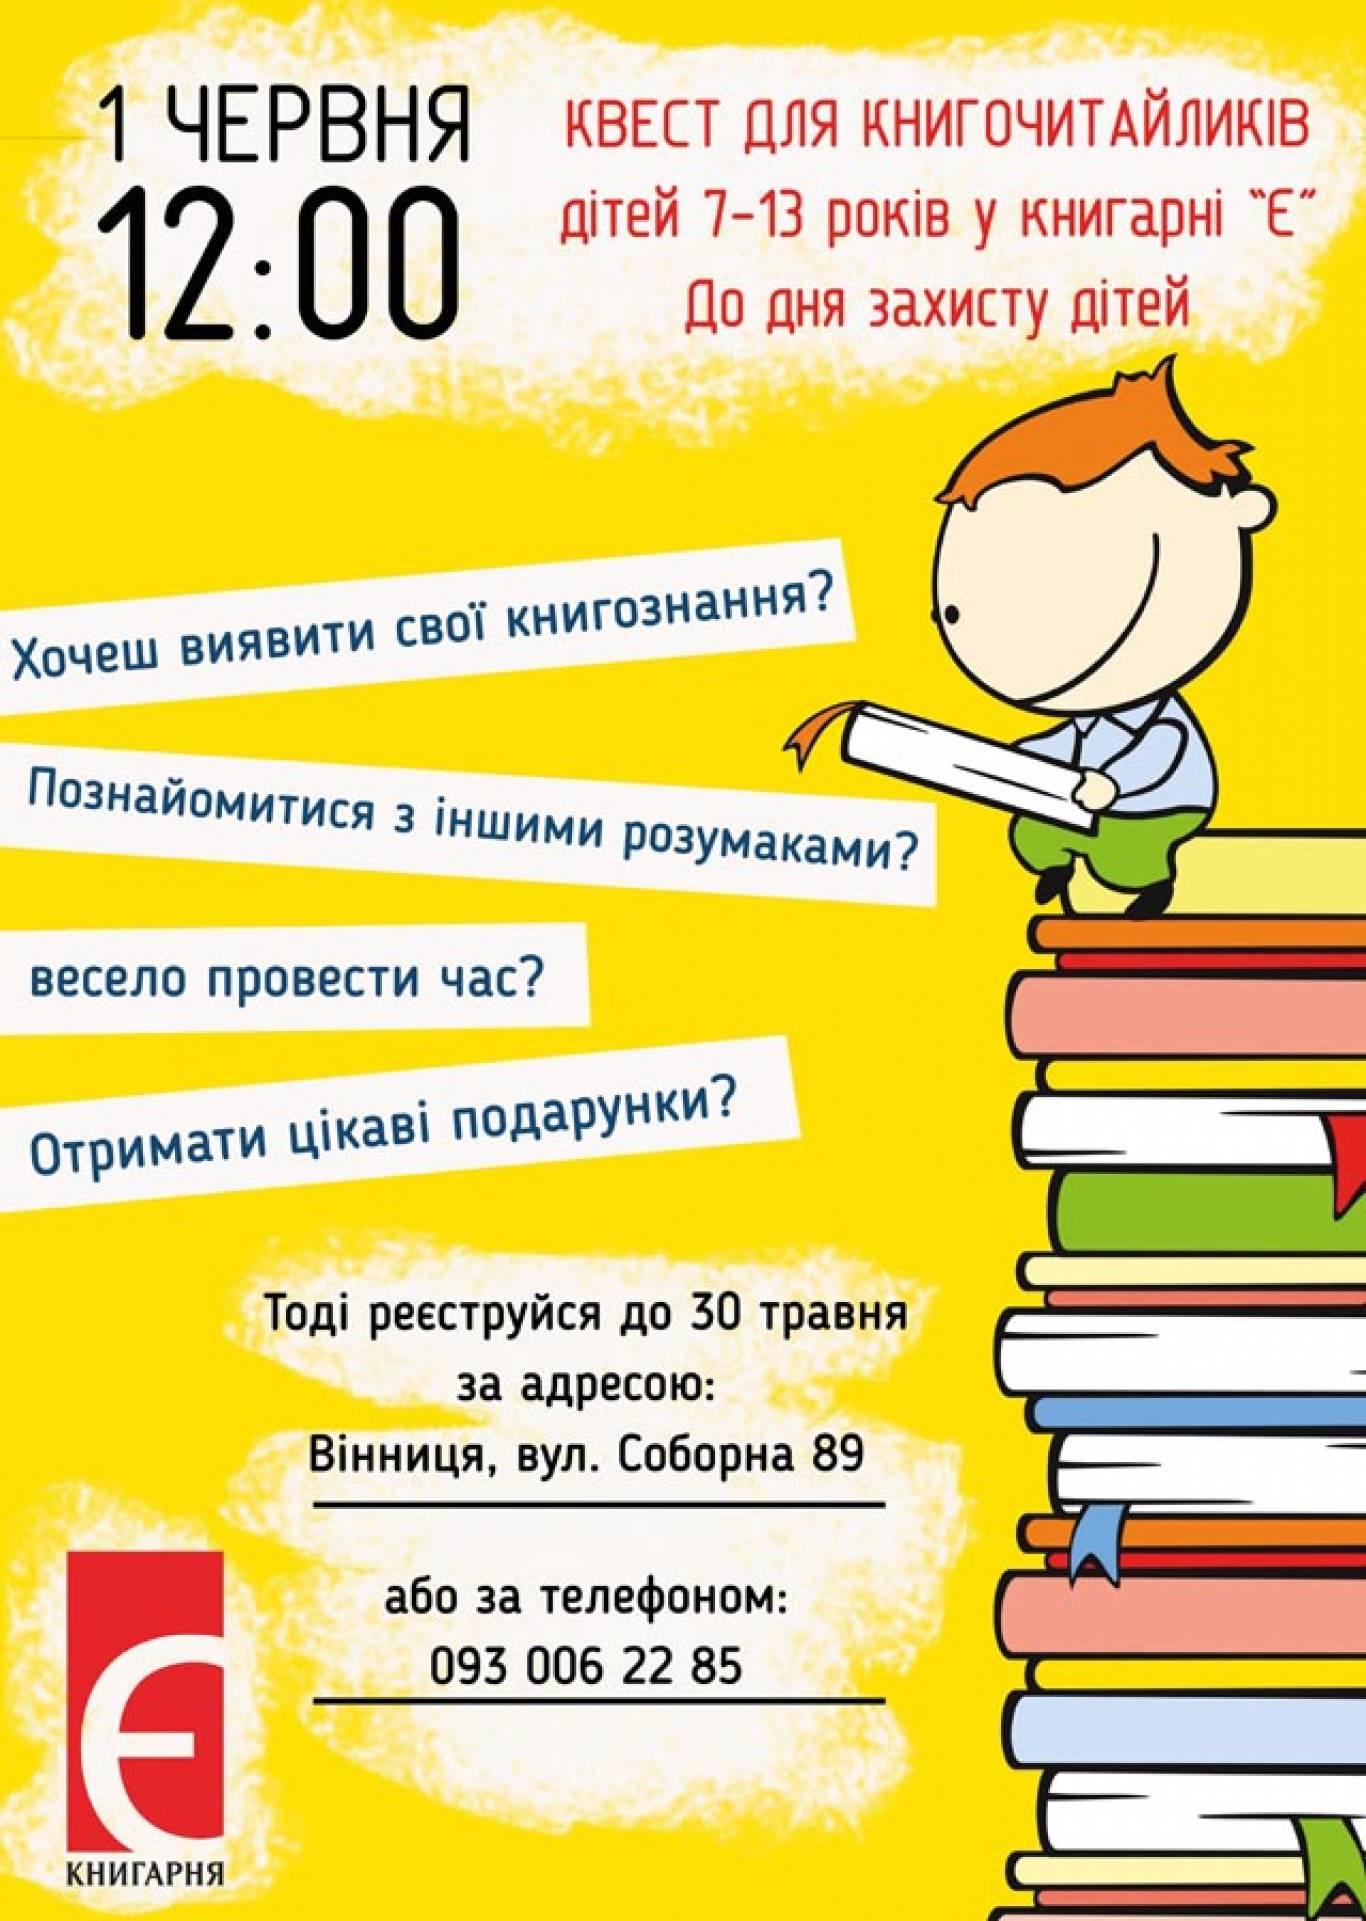 Квест для дітей у Книгарні «Є»